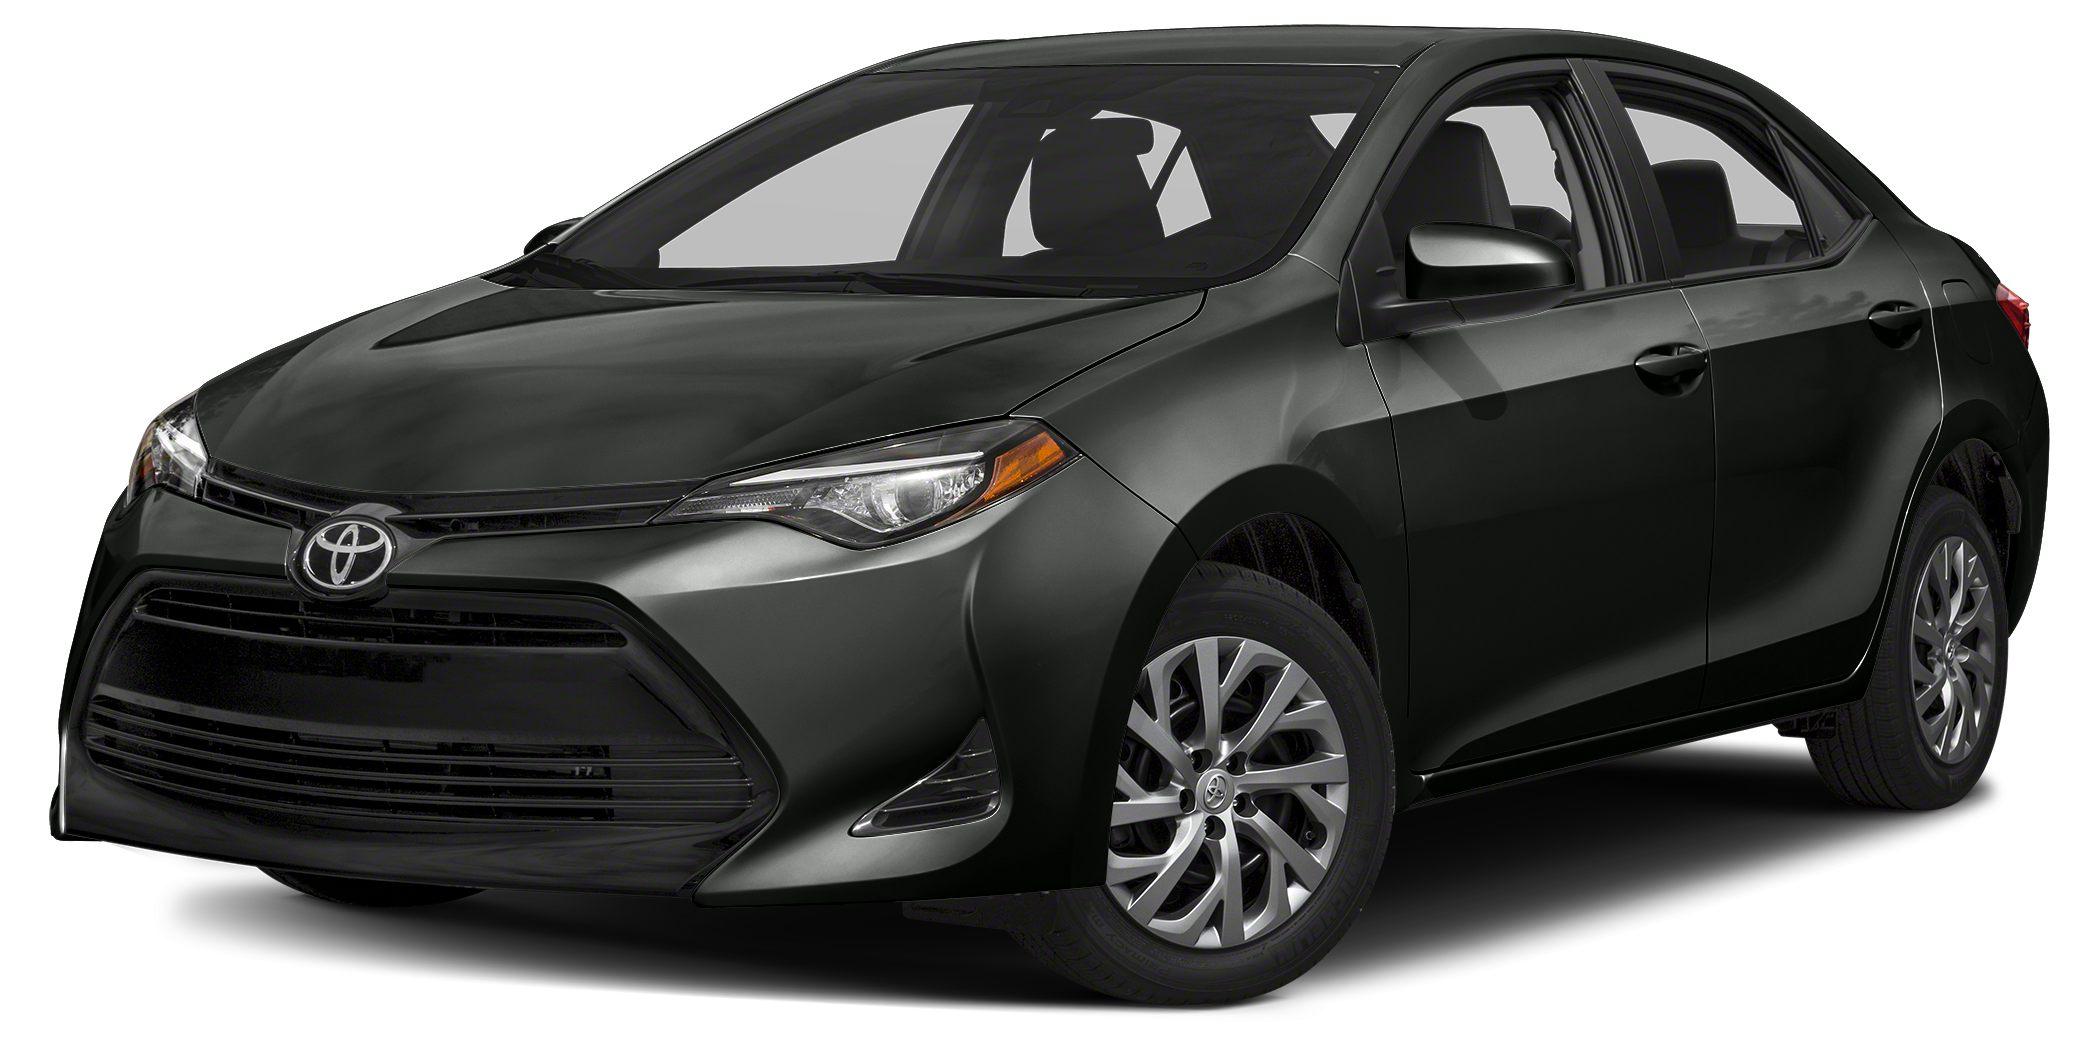 2017 Toyota Corolla LE BLACK SAND PEARL exterior and ASH interior LE trim iPodMP3 Input Blueto